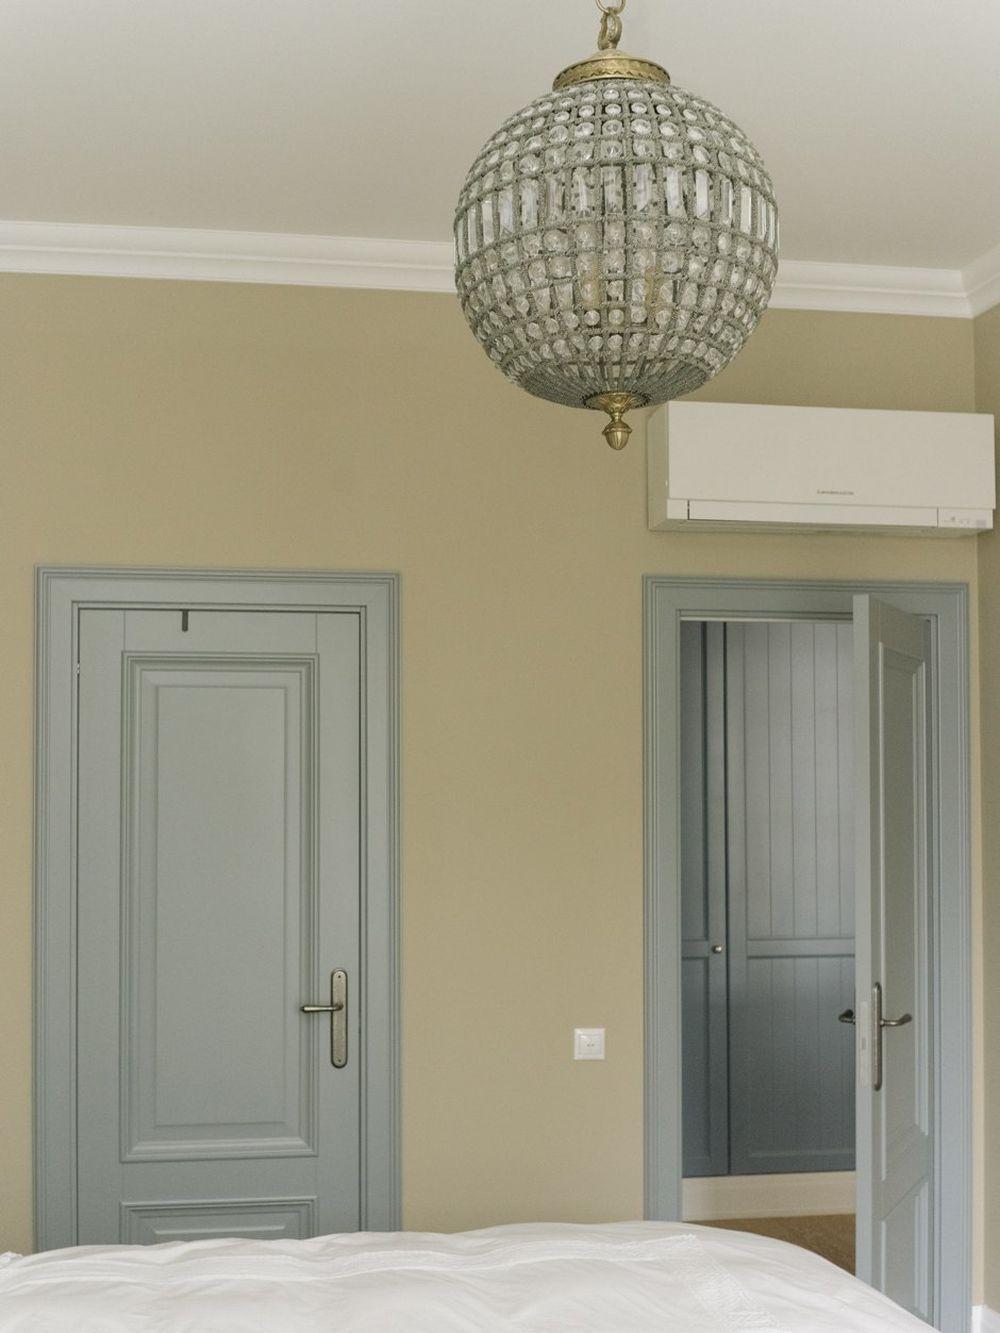 adelaparvu.com despre apartament 2 camere, 72 mp, Rusia, design Zi Design, Foto Polina Rukavichkina (19)